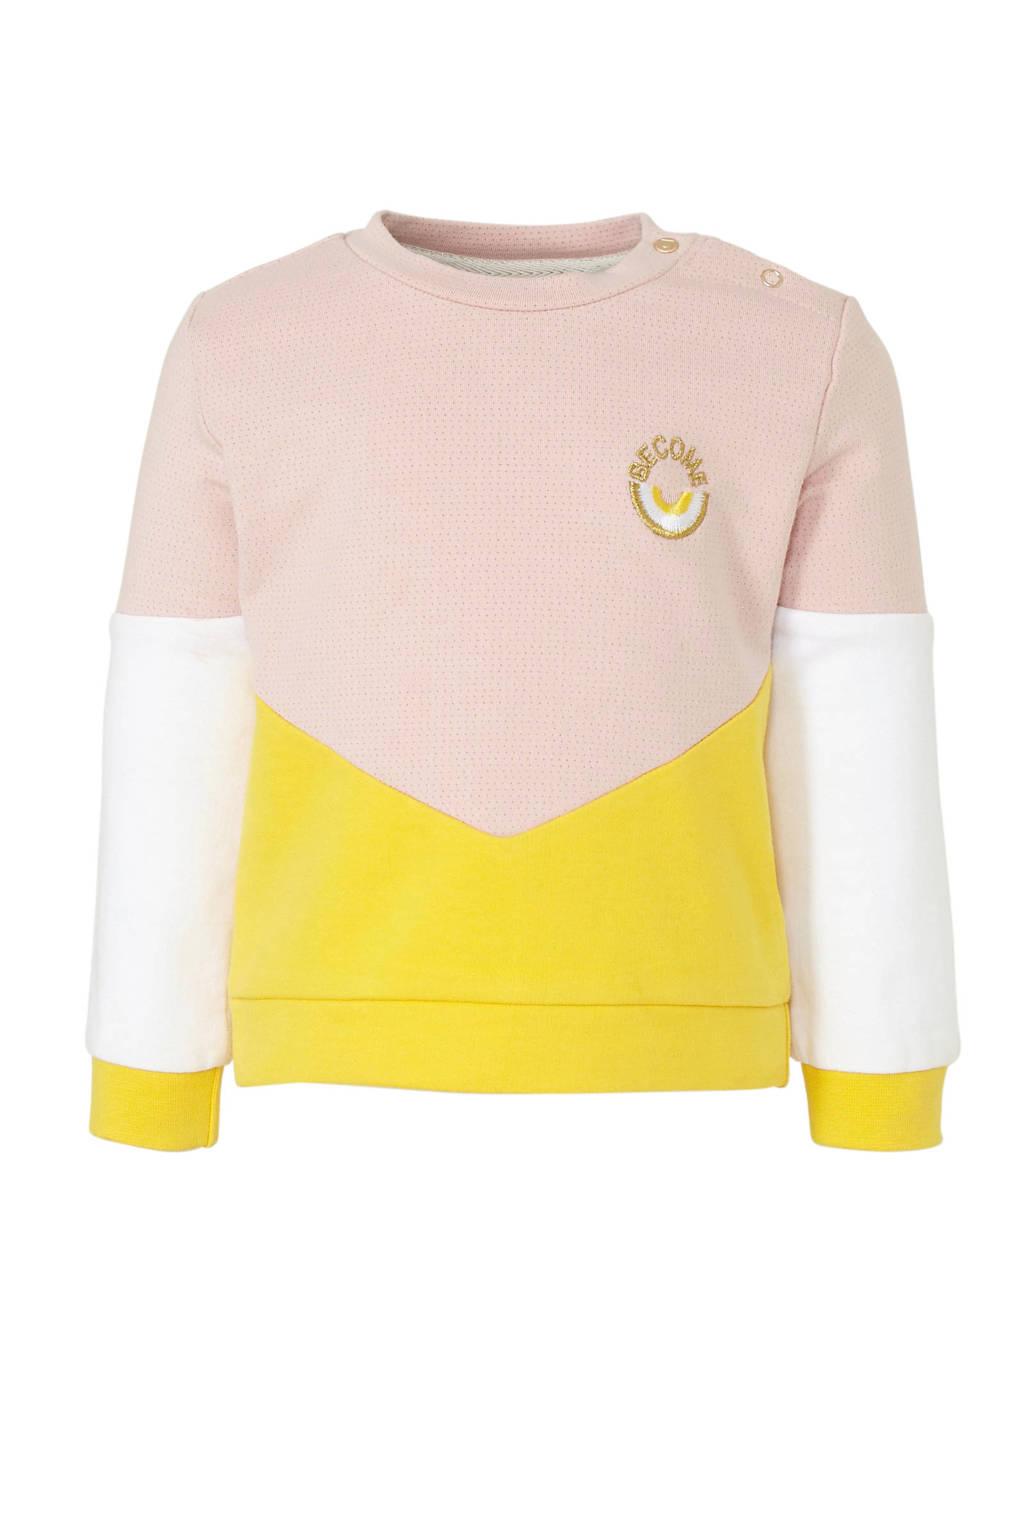 Tumble 'n Dry Lo sweater Mase met biologisch katoen lichtroze/geel/wit, Lichtroze/geel/wit